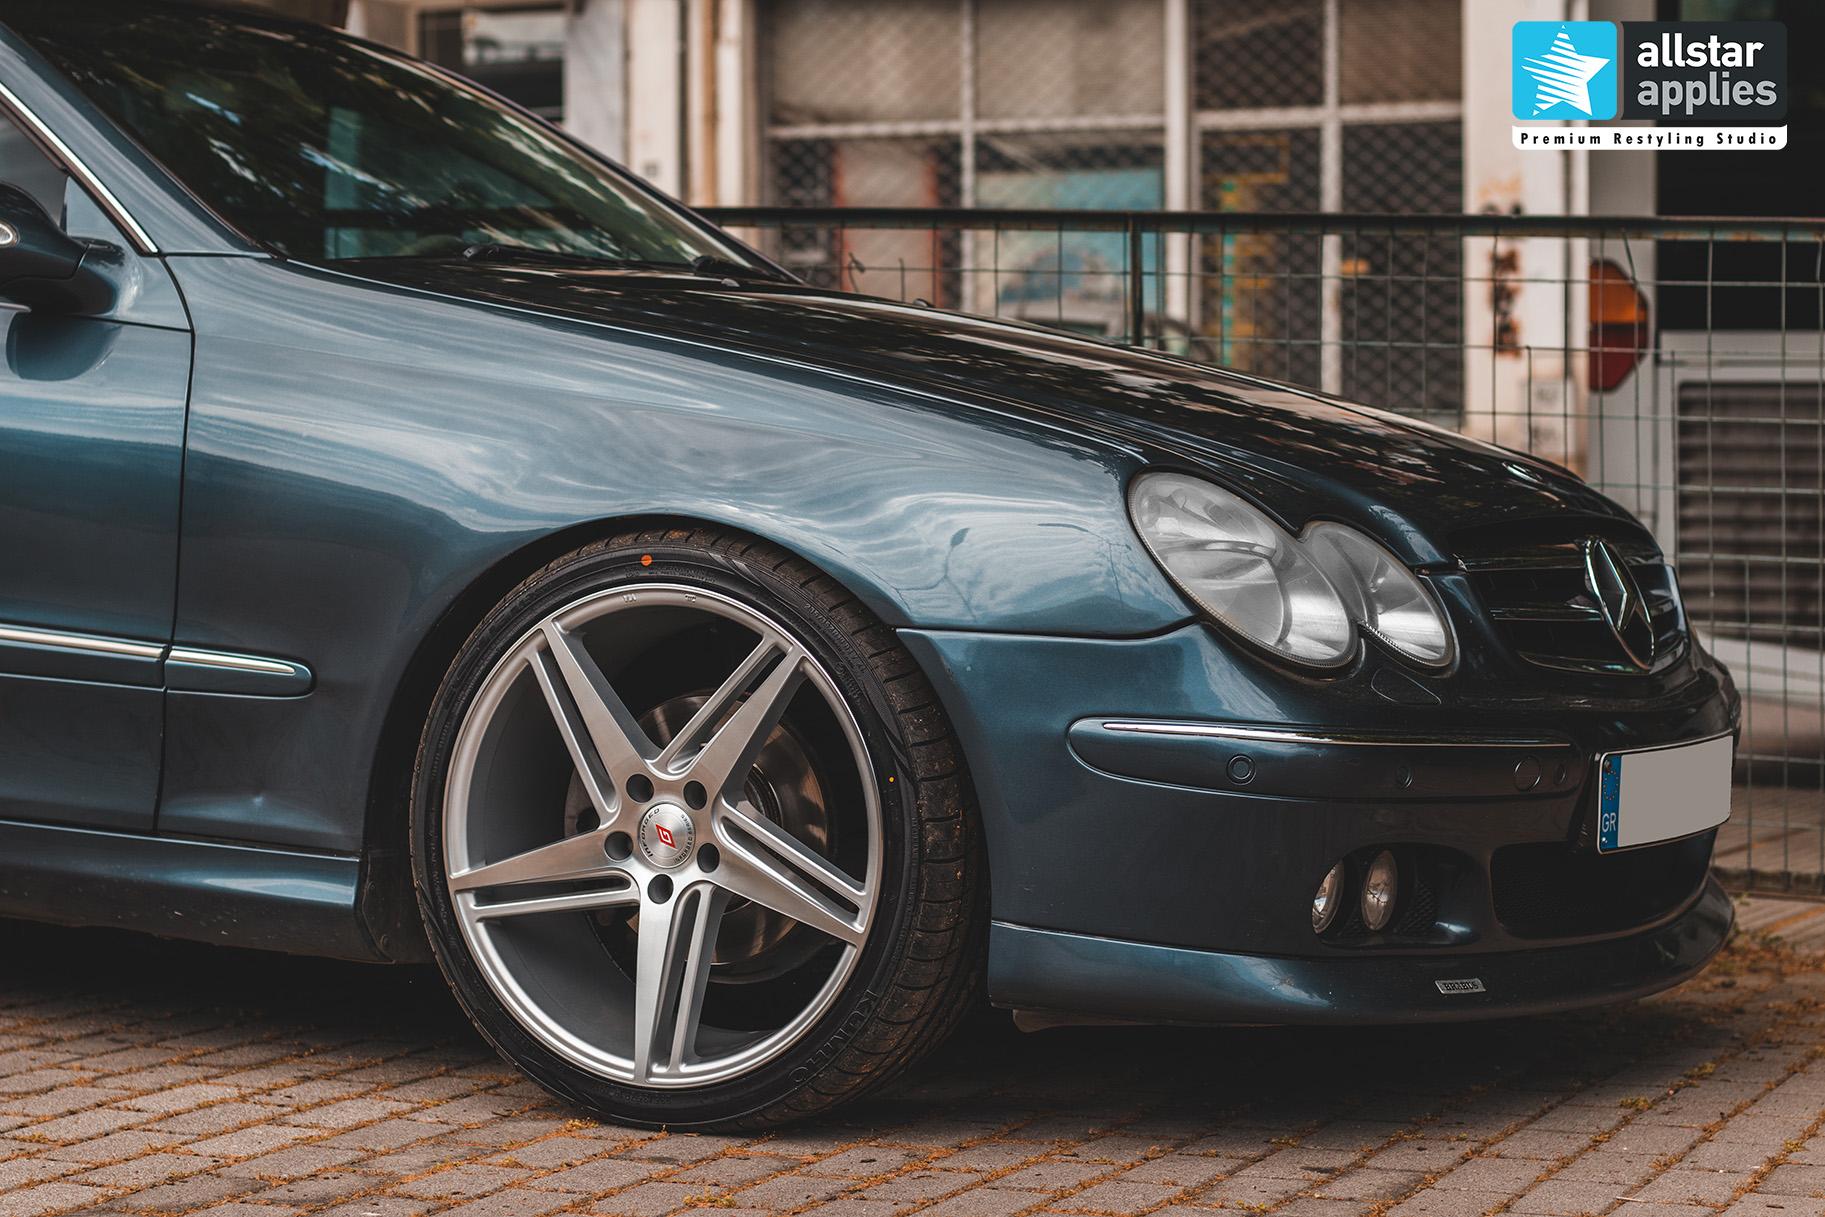 Μεμβράνη για αλλαγή χρώματος στη Θεσσαλονίκη σε Mercedes Benz CLK Allstar Applies